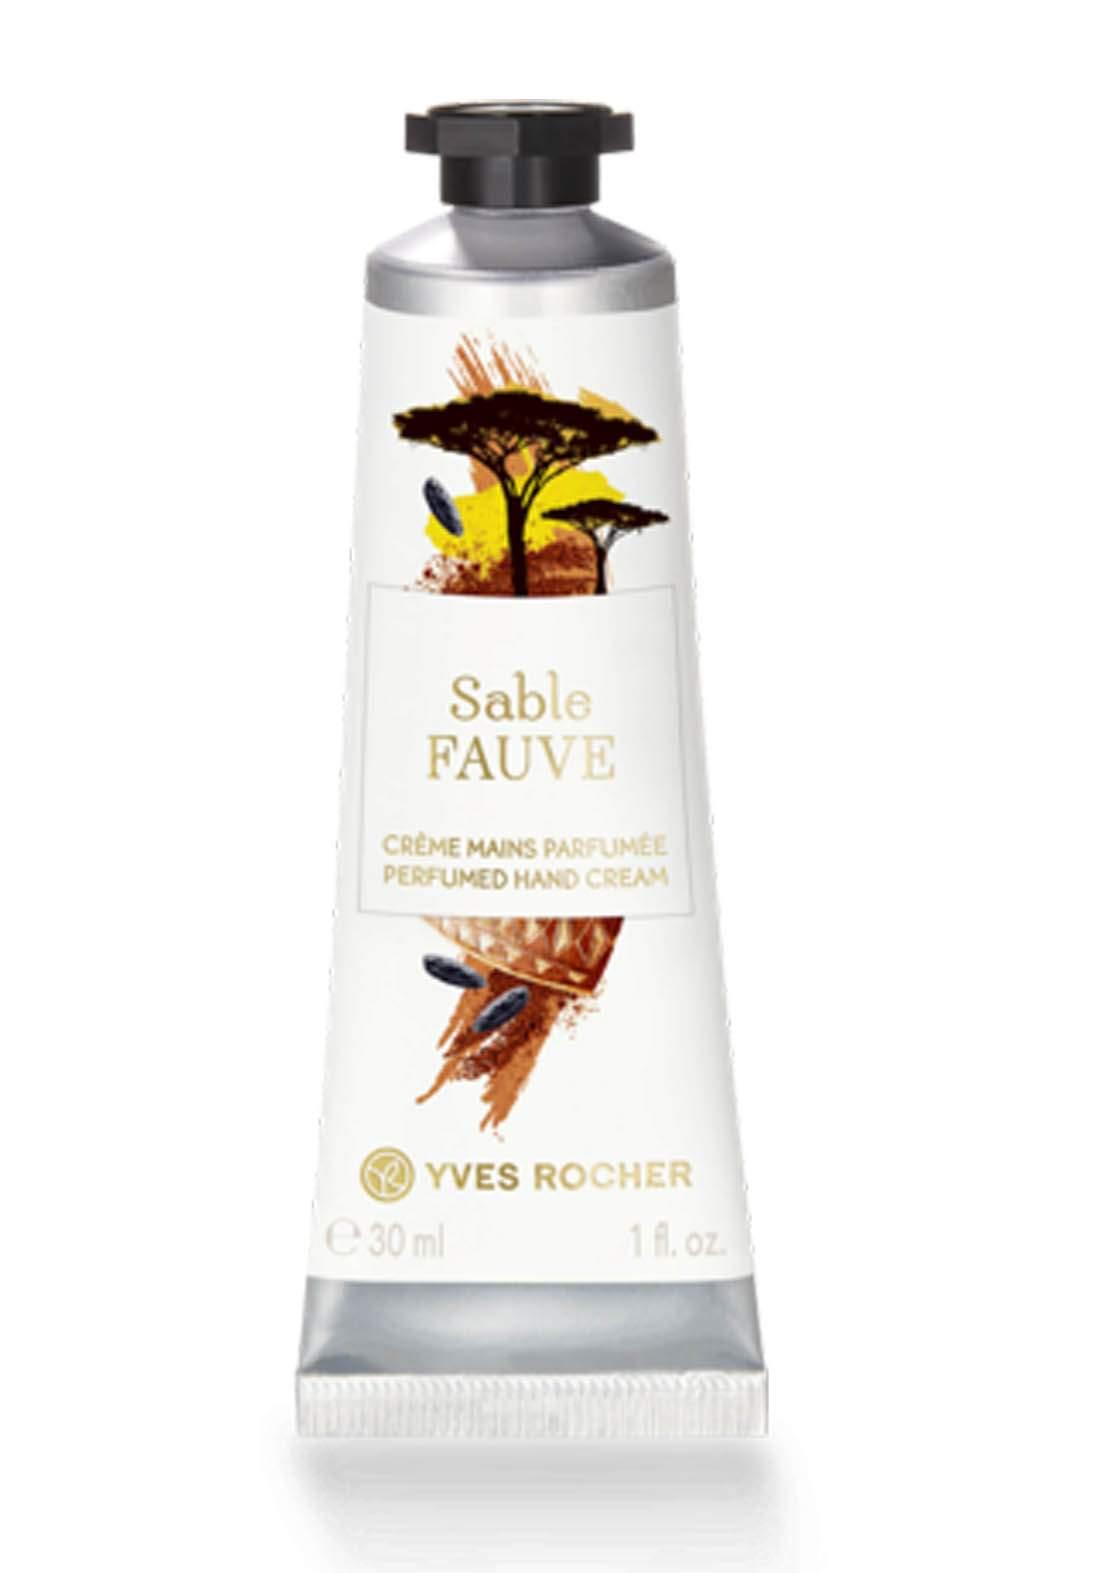 Yves Rocher 62884 Sable Fauve Perfumed Hand Cream  كريم لليدين